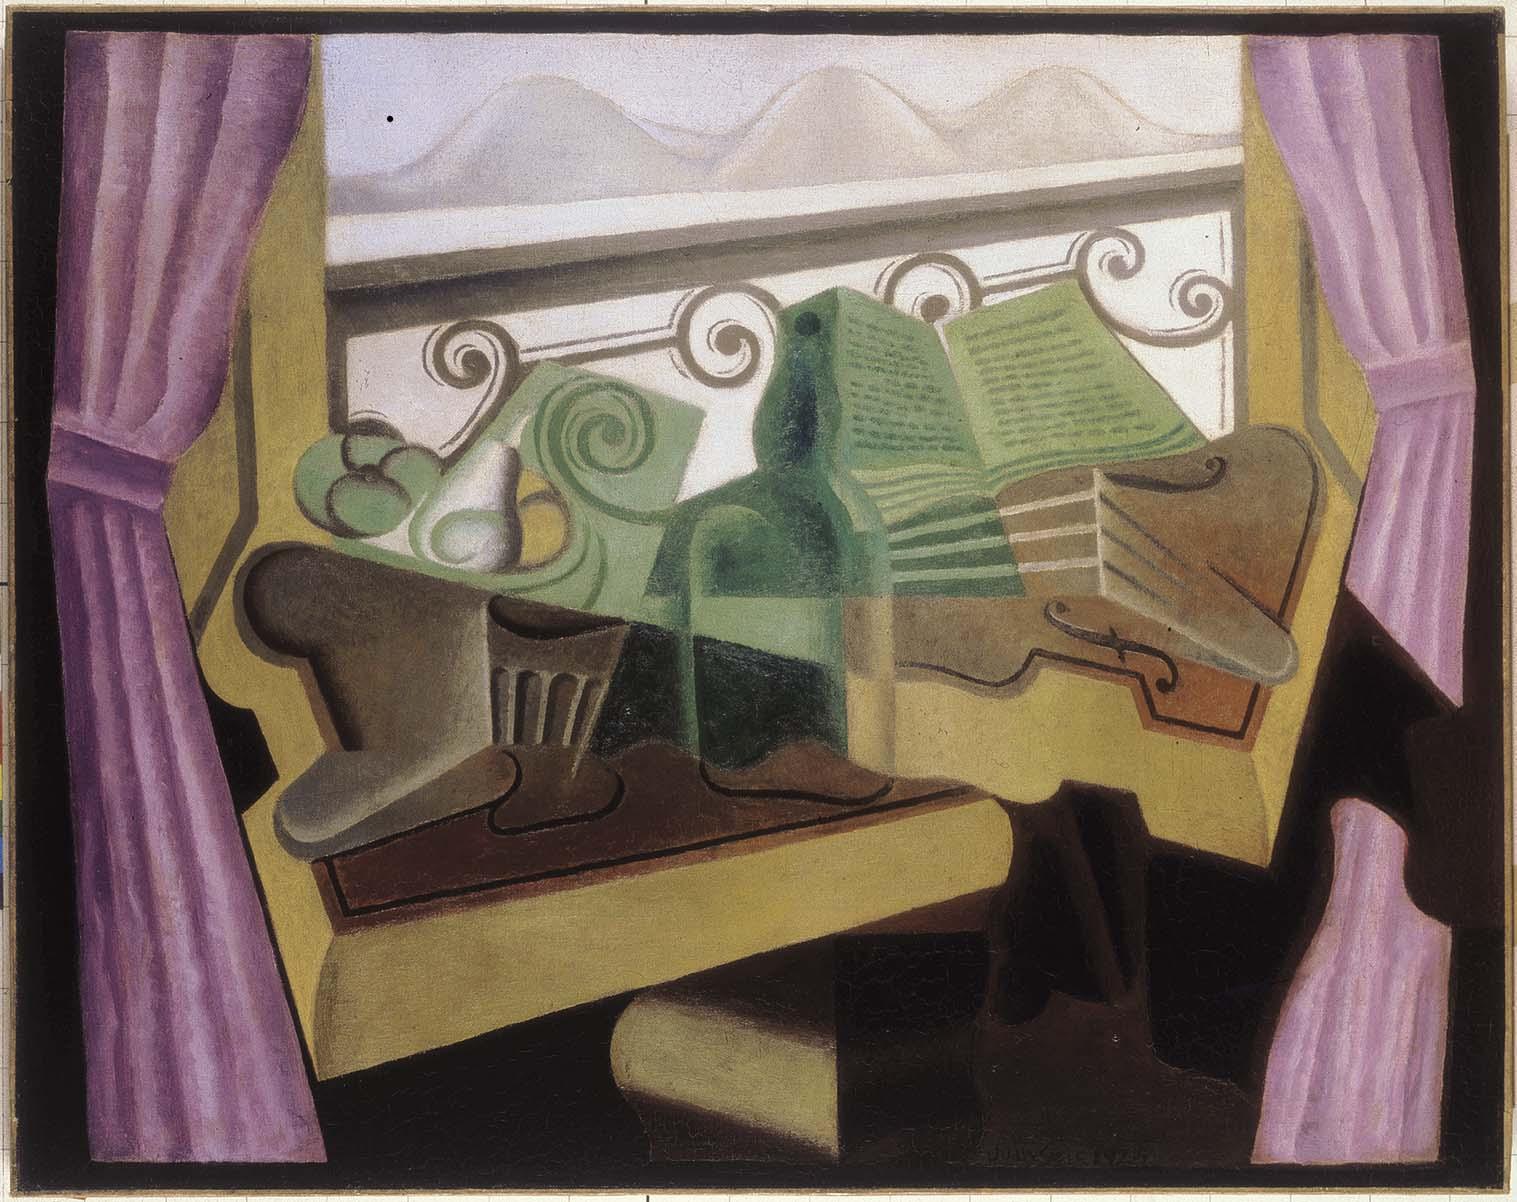 La fenêtre aux collines; Gris, Juan, 1923 ©ColecciónTelefónica